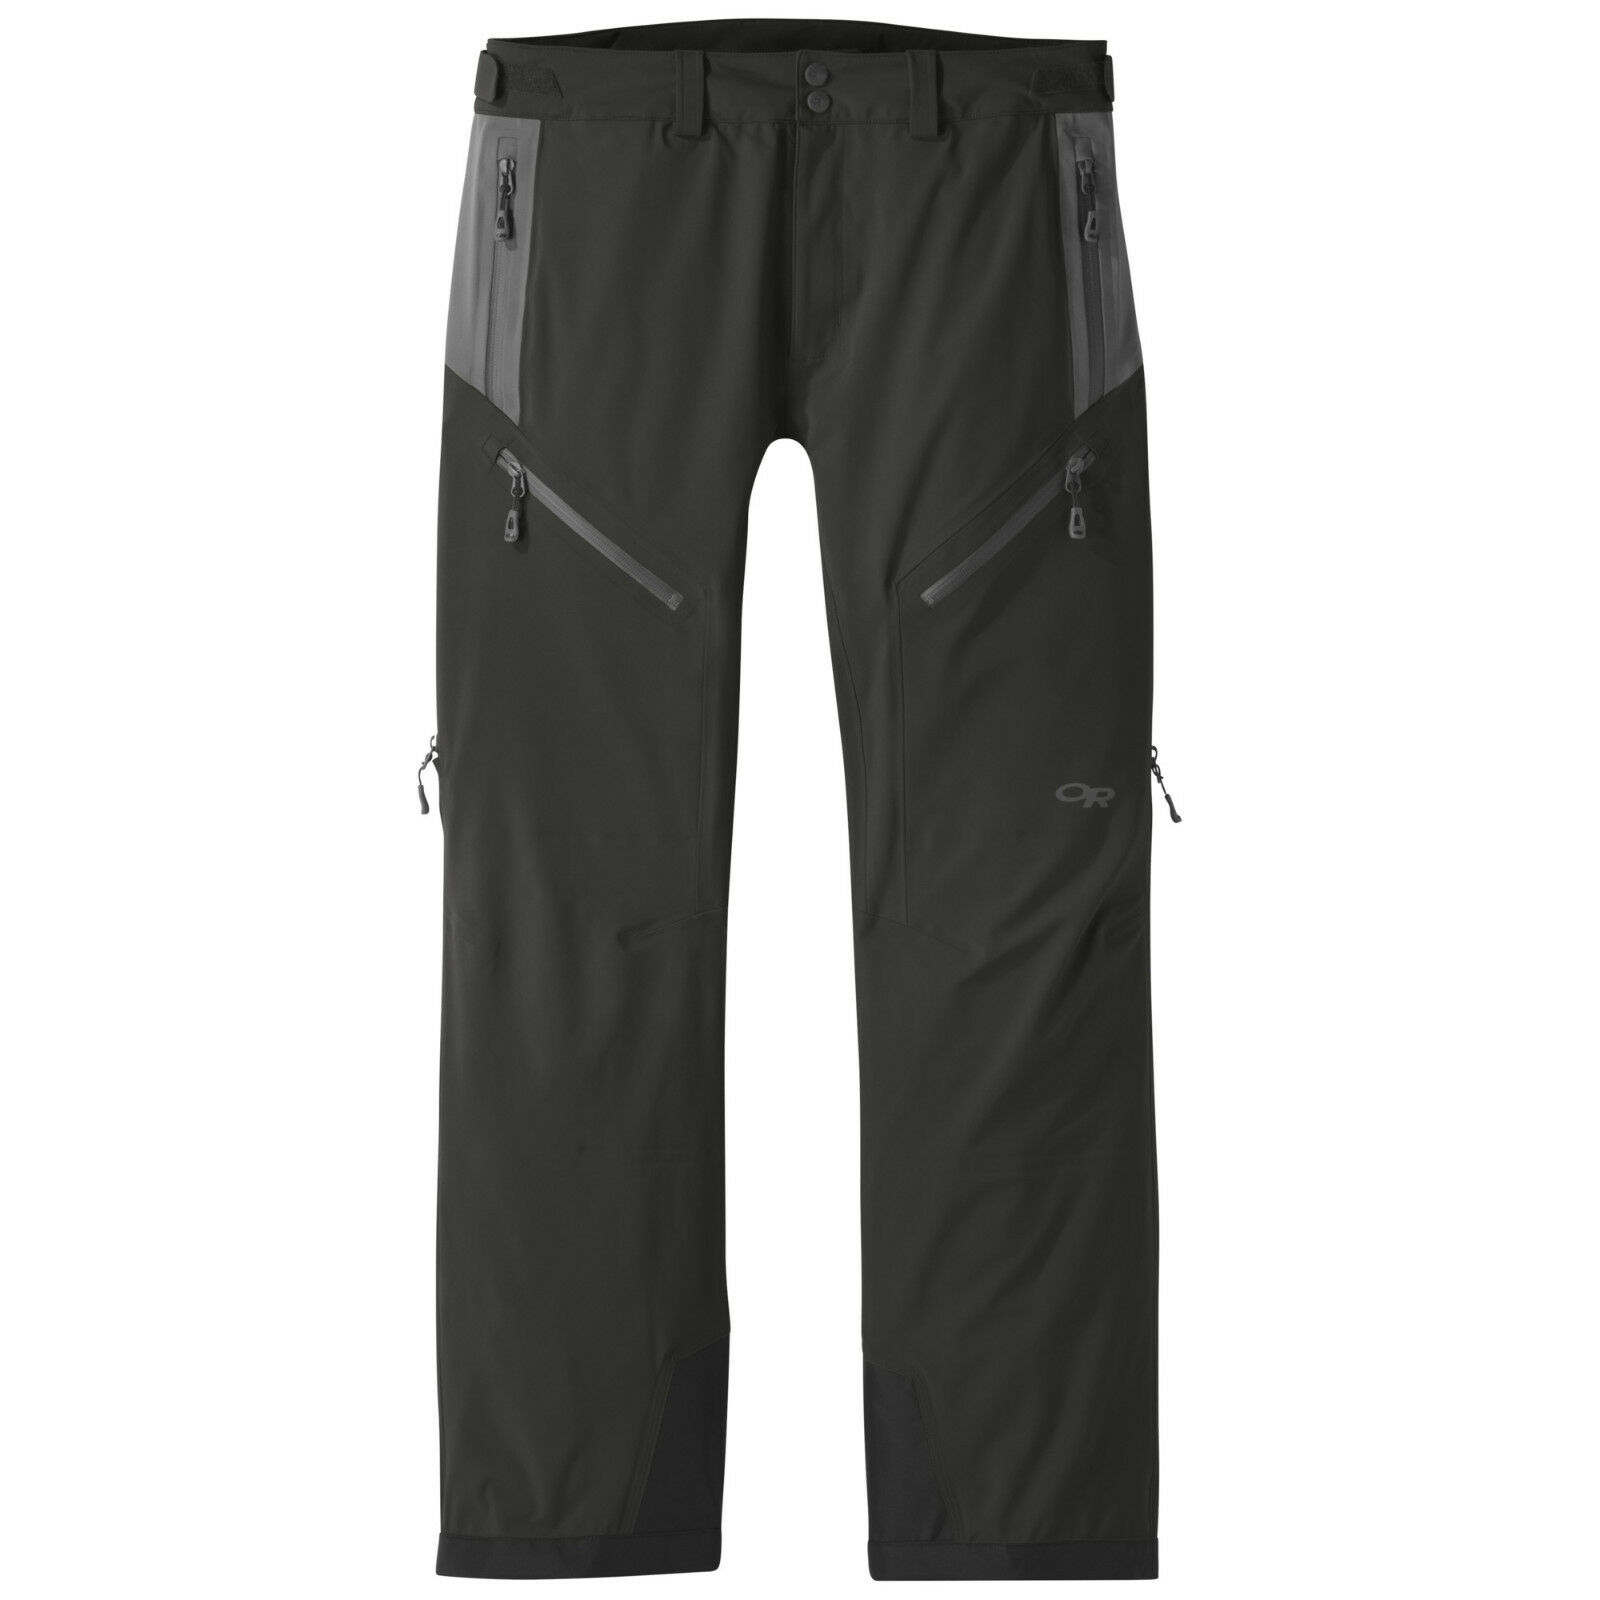 Outdoor Research Uomo Skyward II Pantaloni Neri